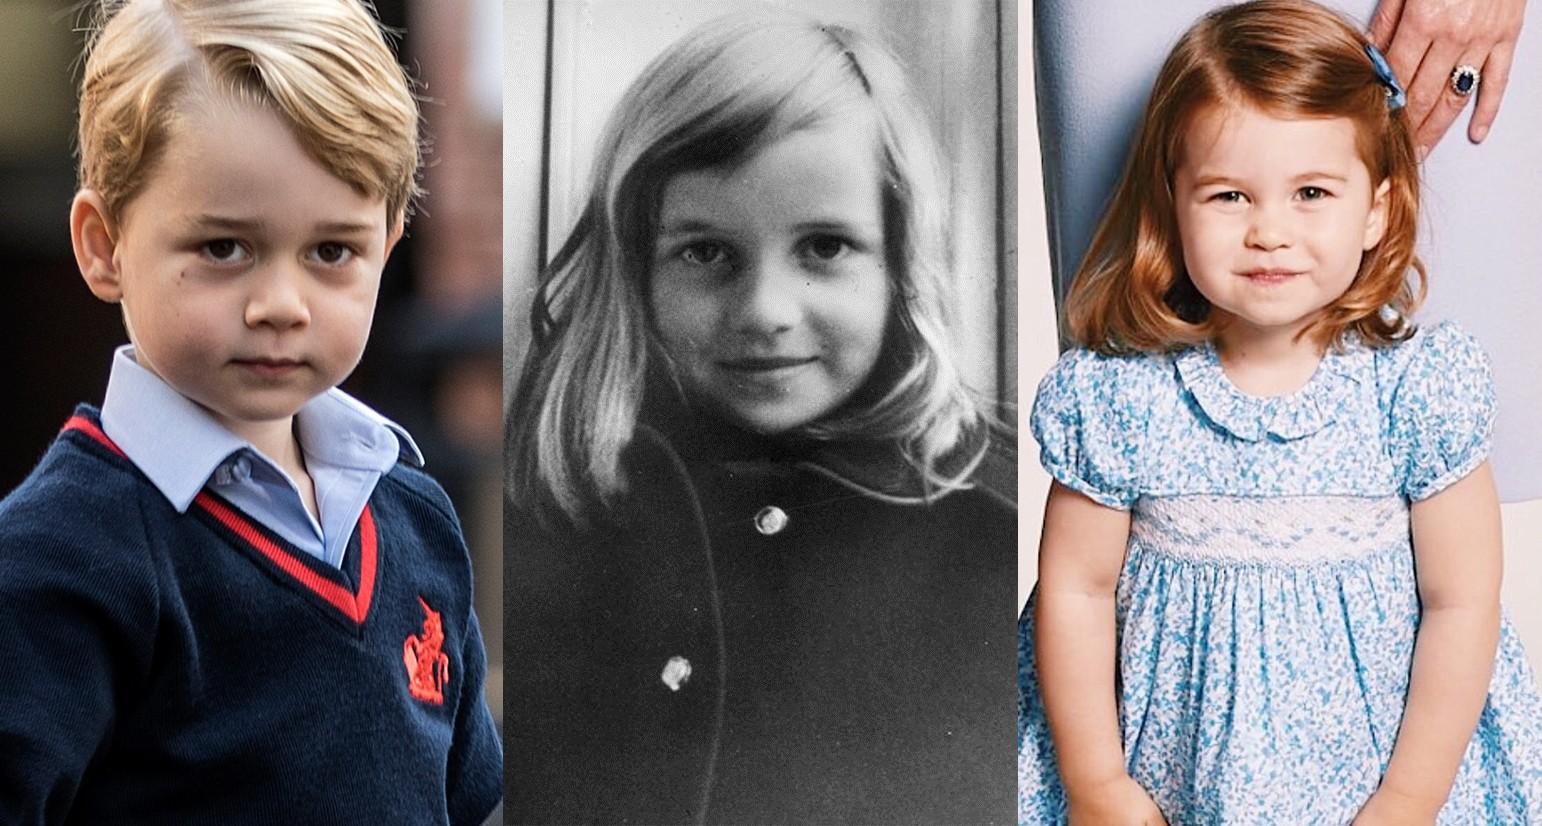 Trước thềm sinh nhật mừng Hoàng tử George lên 5, công chúng tìm lại loạt ảnh hiếm thuở bé của thành viên Hoàng tộc và nhận ra điều thú vị - Ảnh 5.